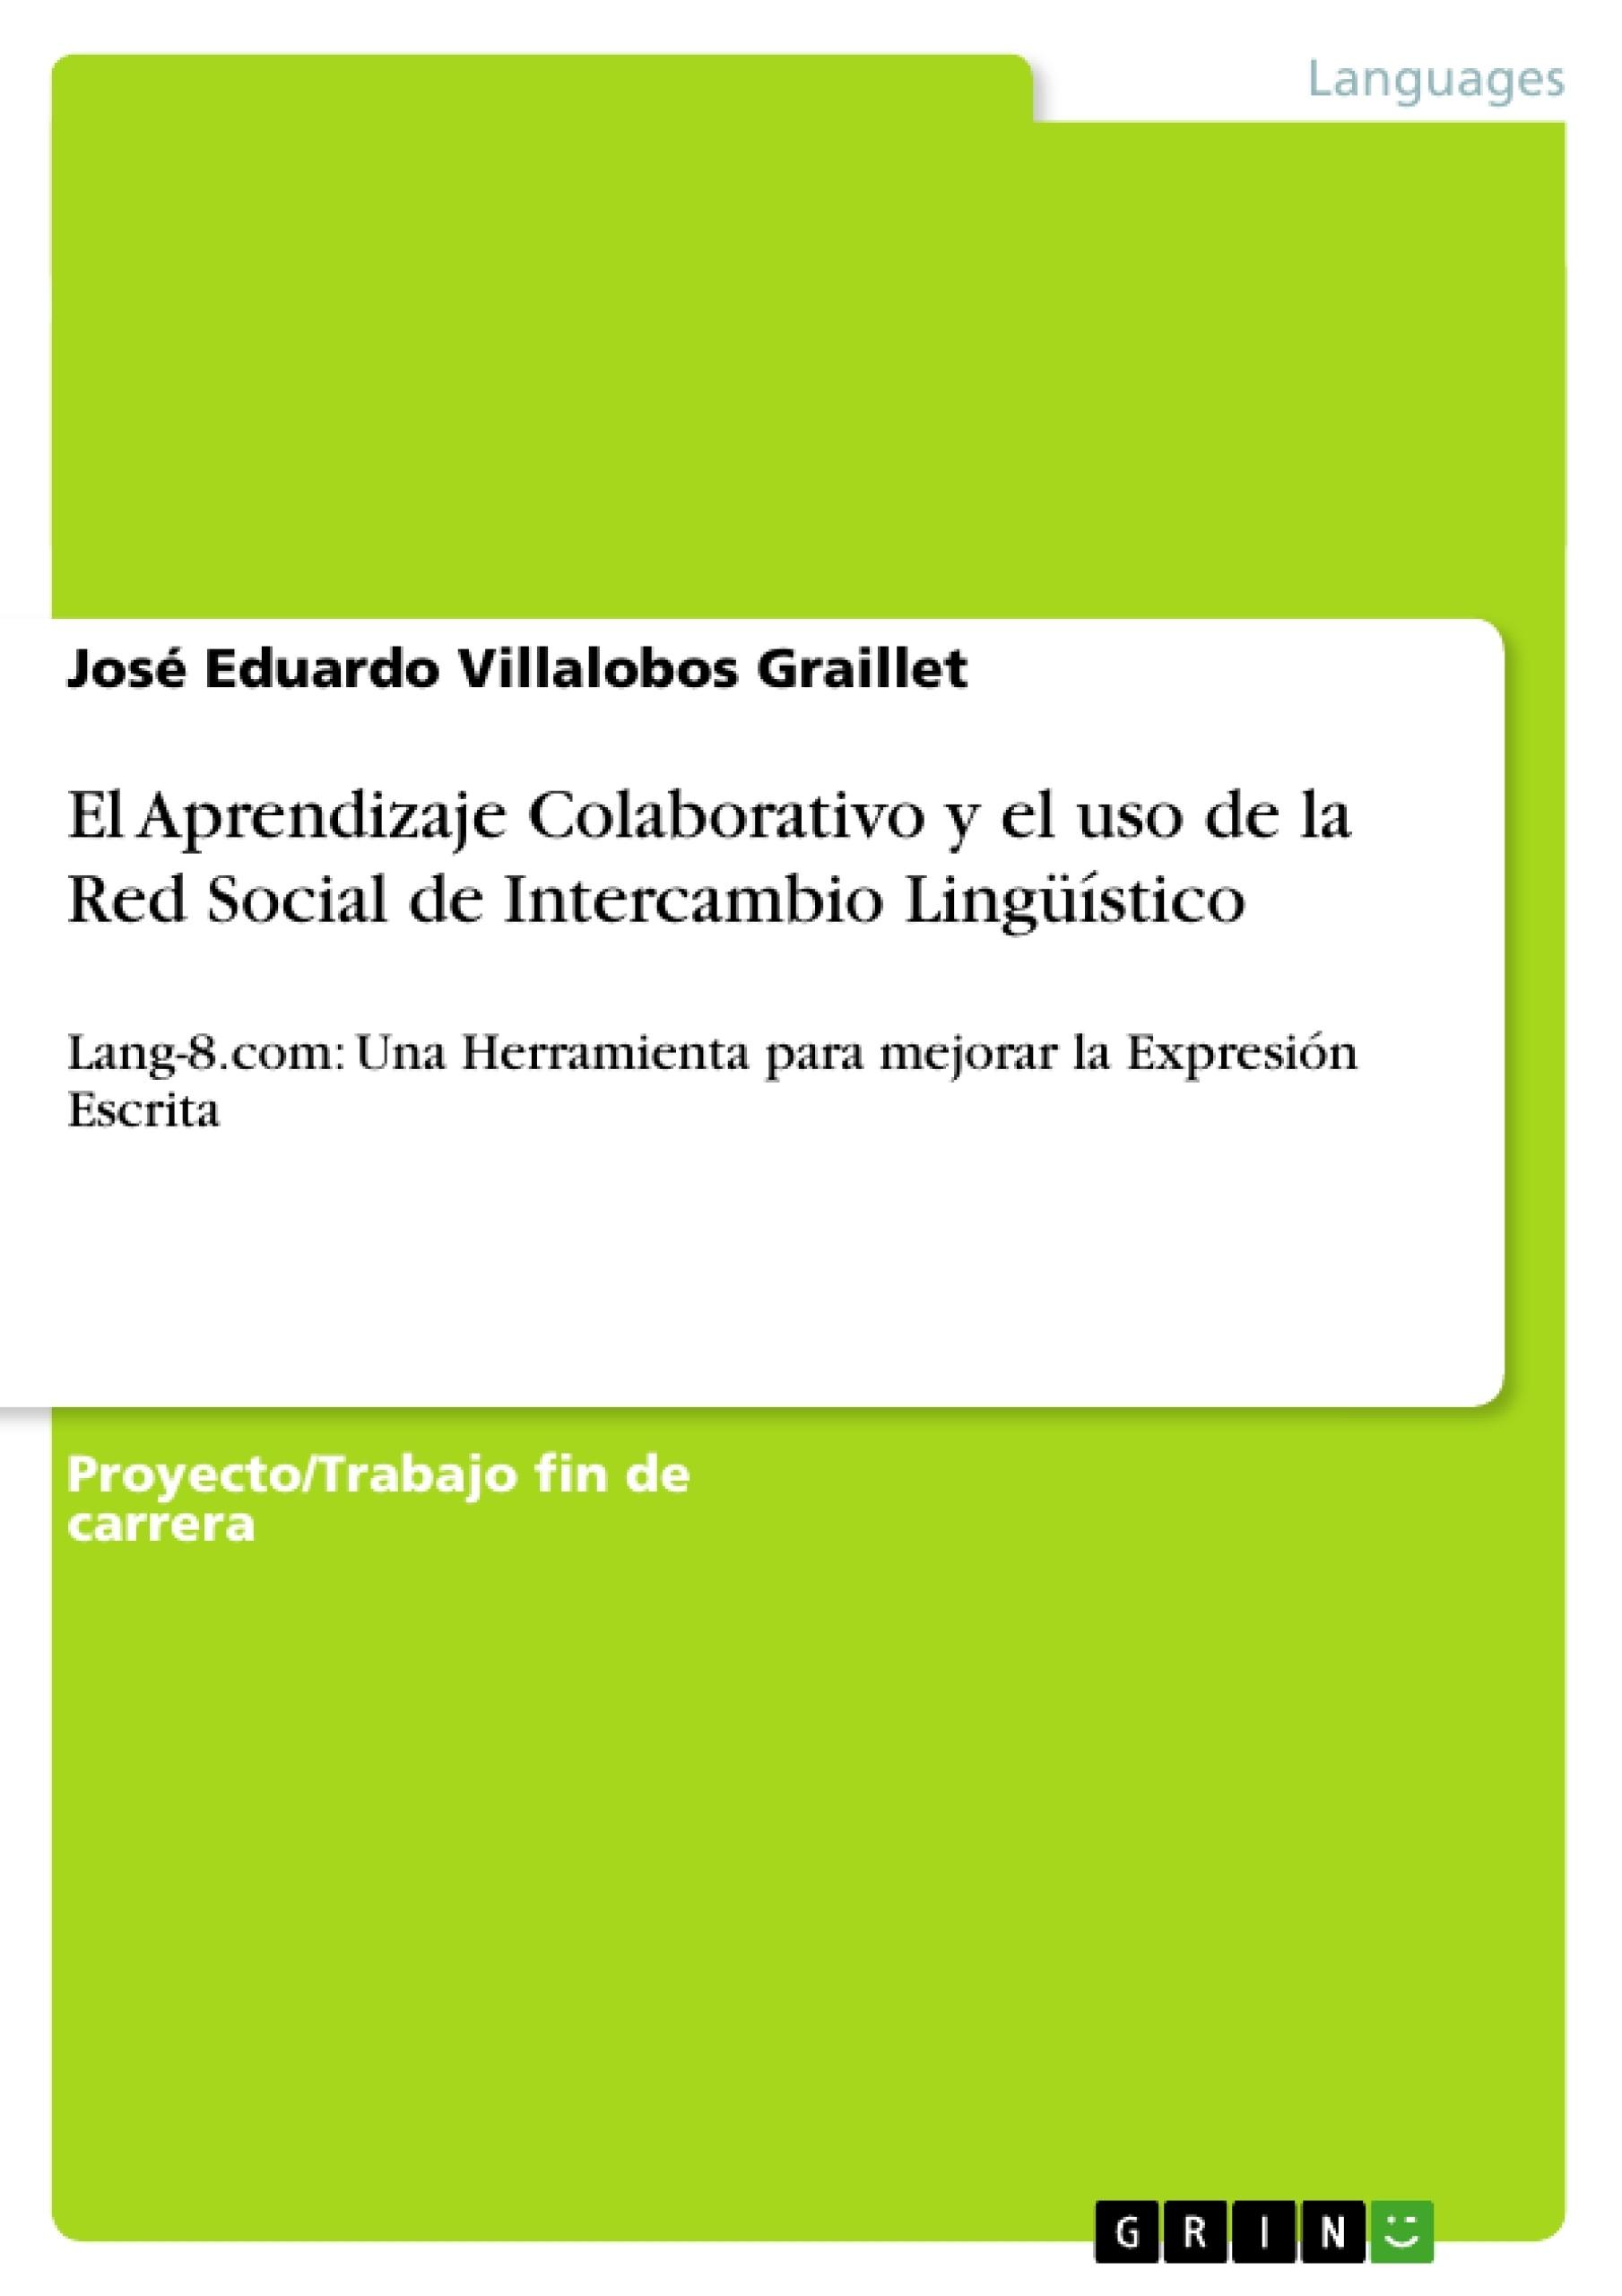 Título: El Aprendizaje Colaborativo y el uso de la Red Social de Intercambio Lingüístico